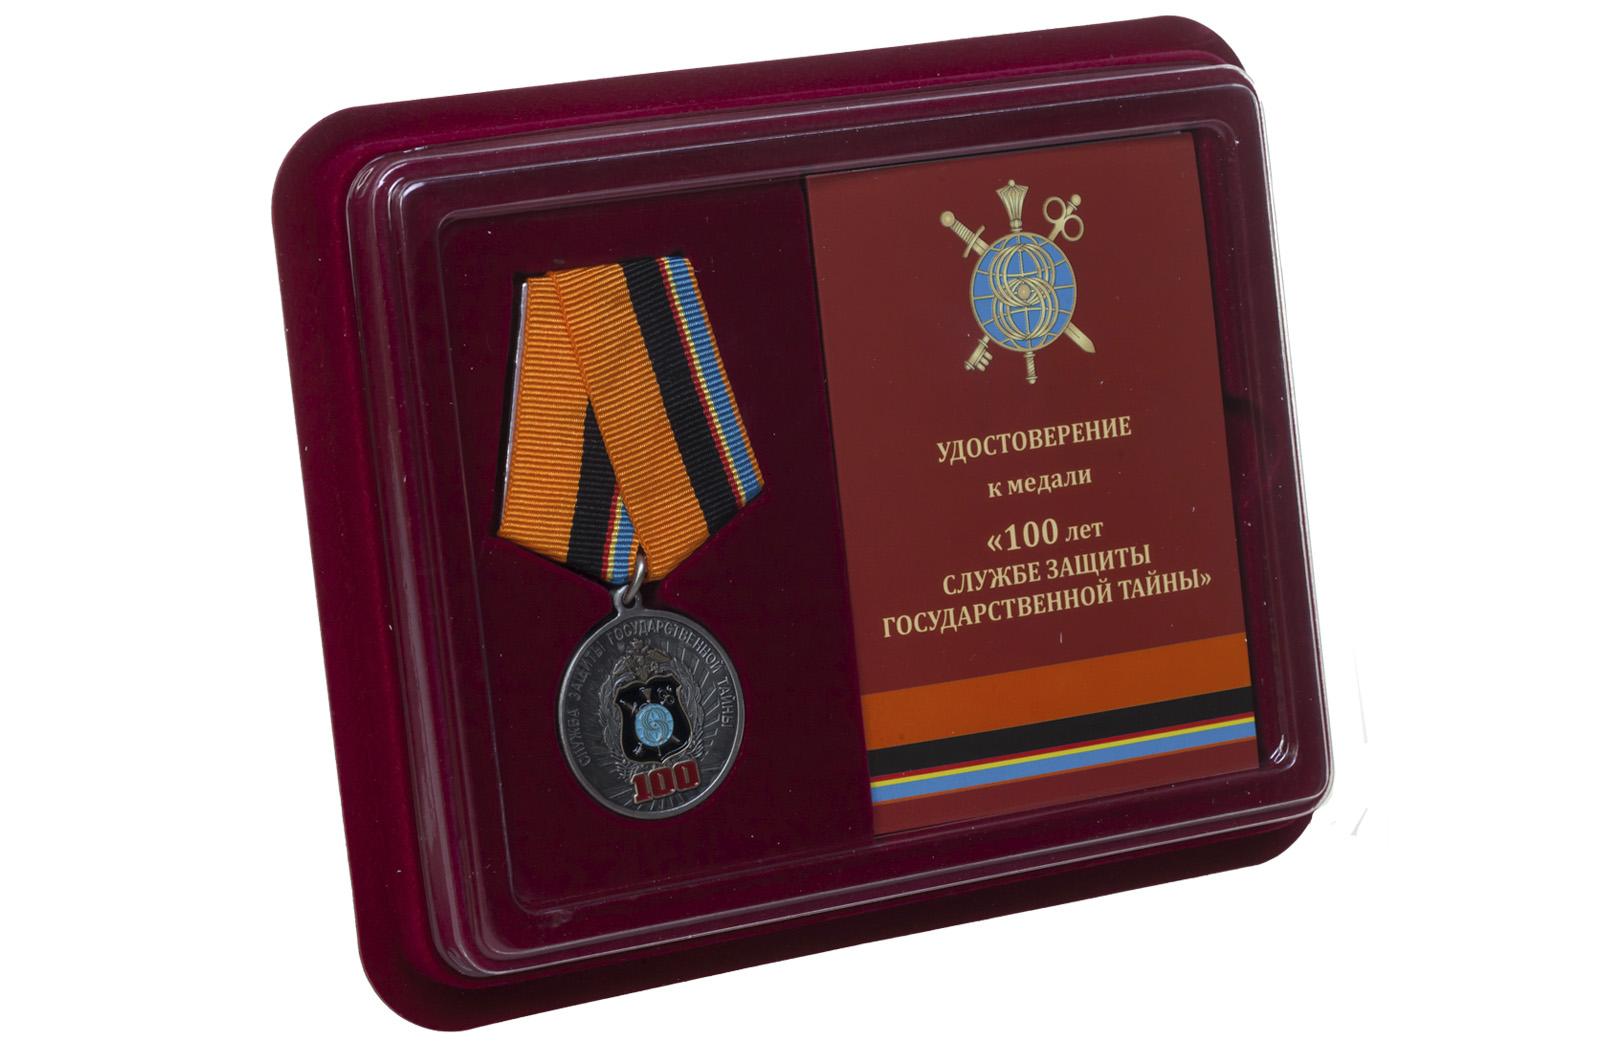 Купить юбилейную медаль 100 лет Службе защиты государственной тайны онлайн с доставкой